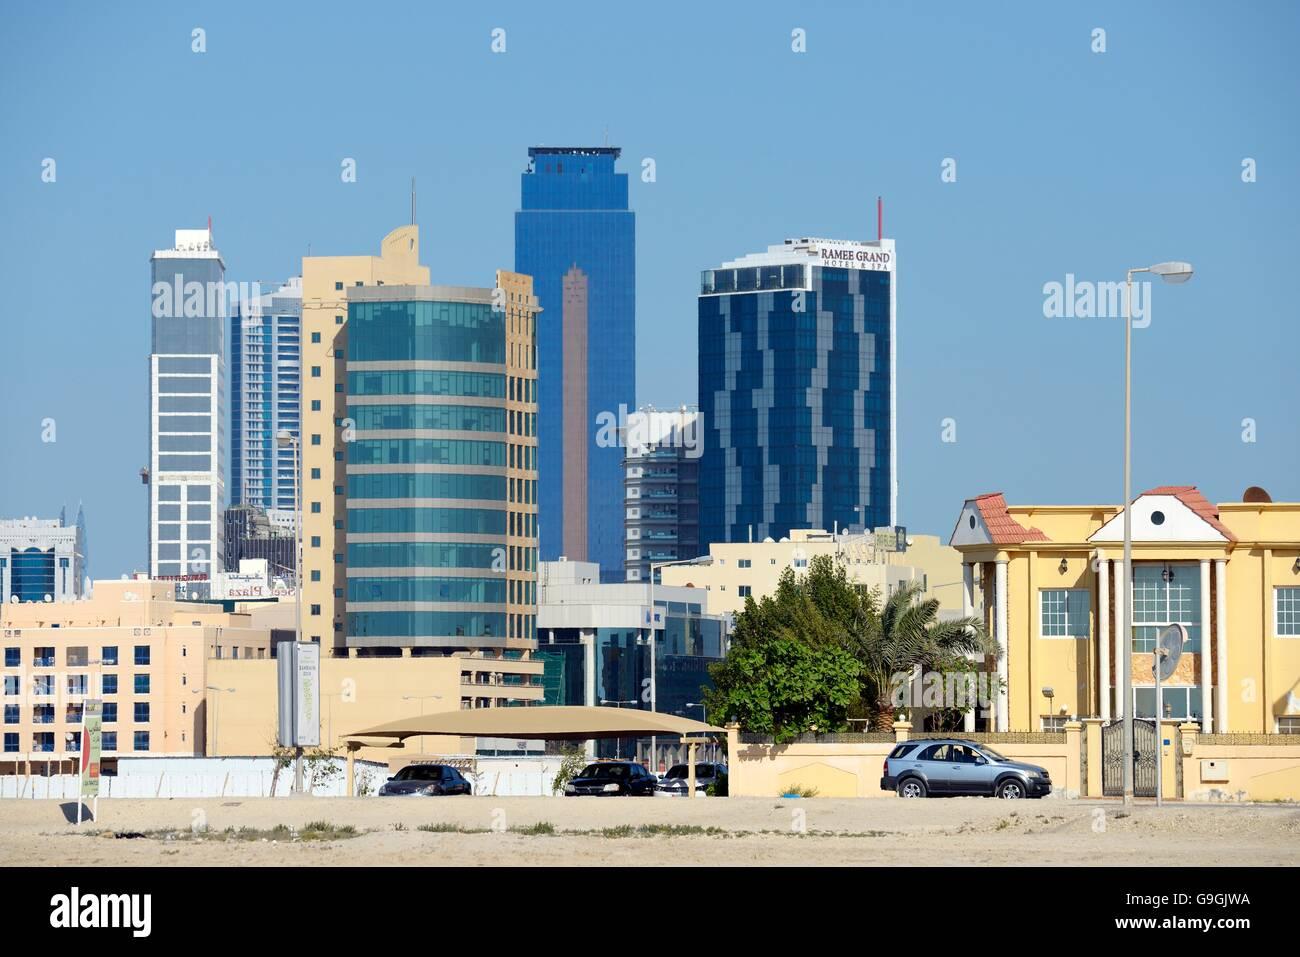 Manama, Bahreïn. seef district. à l'est à l'hôtel Ramee grand hotel et le tour almoayyed Photo Stock